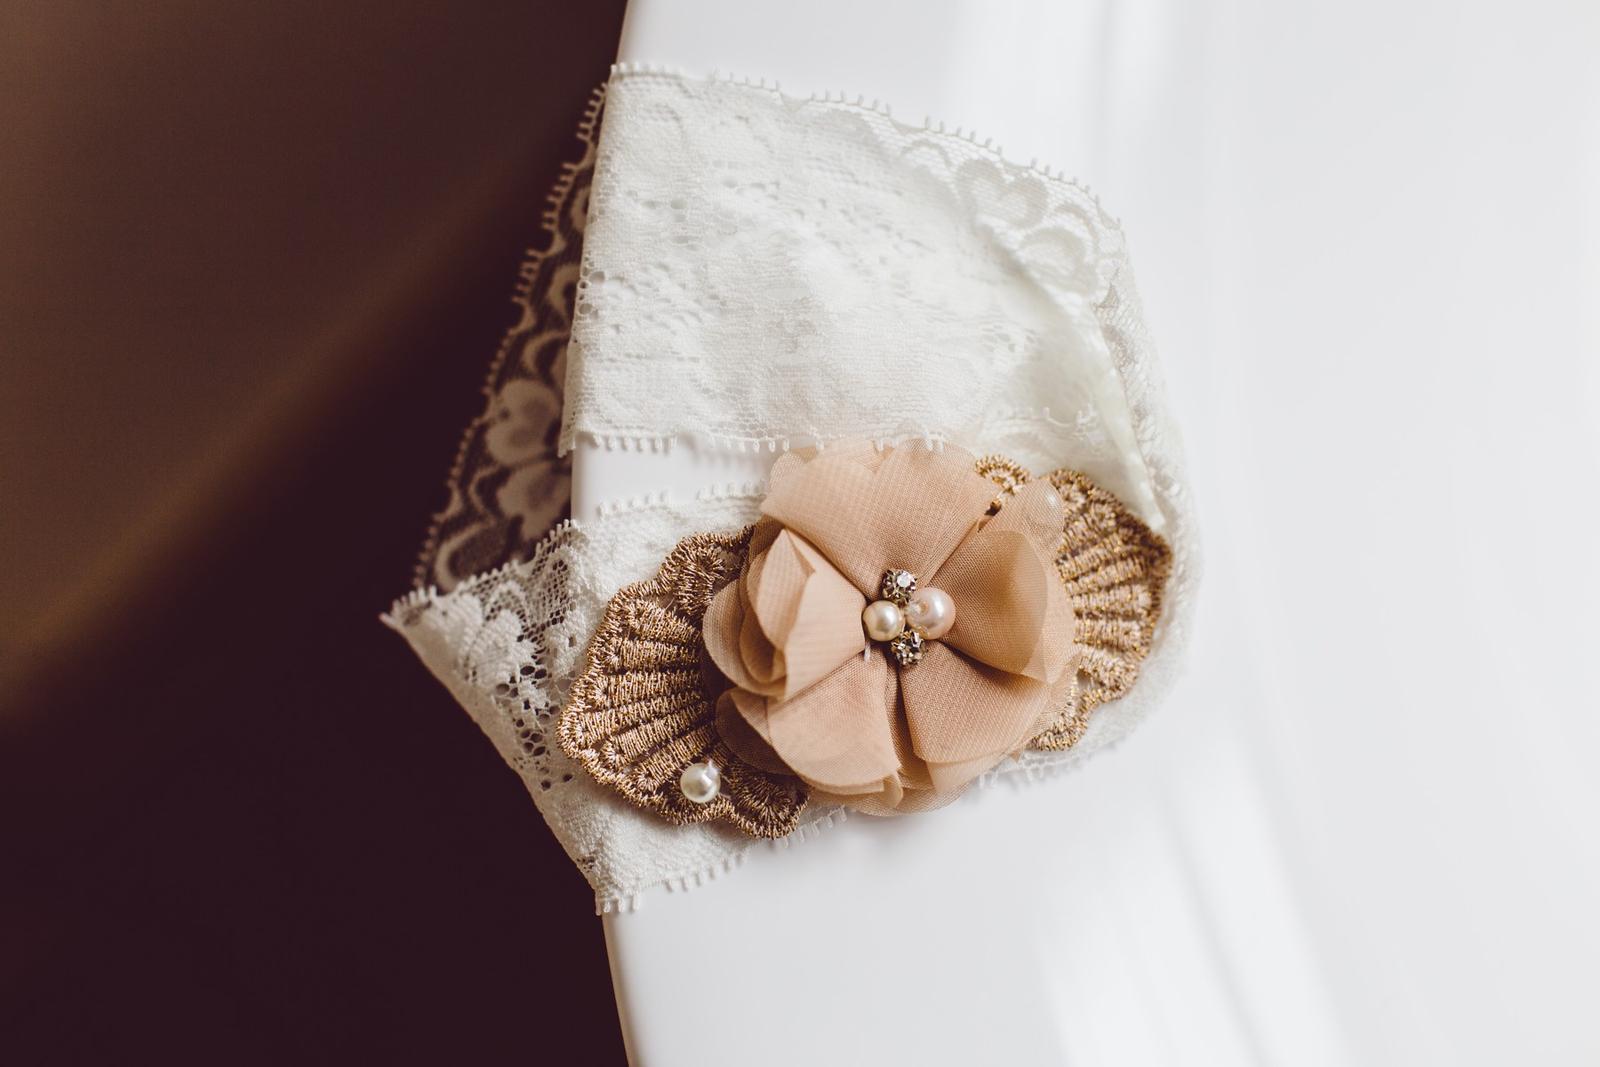 Svatební detaily - podvazek nevěsty